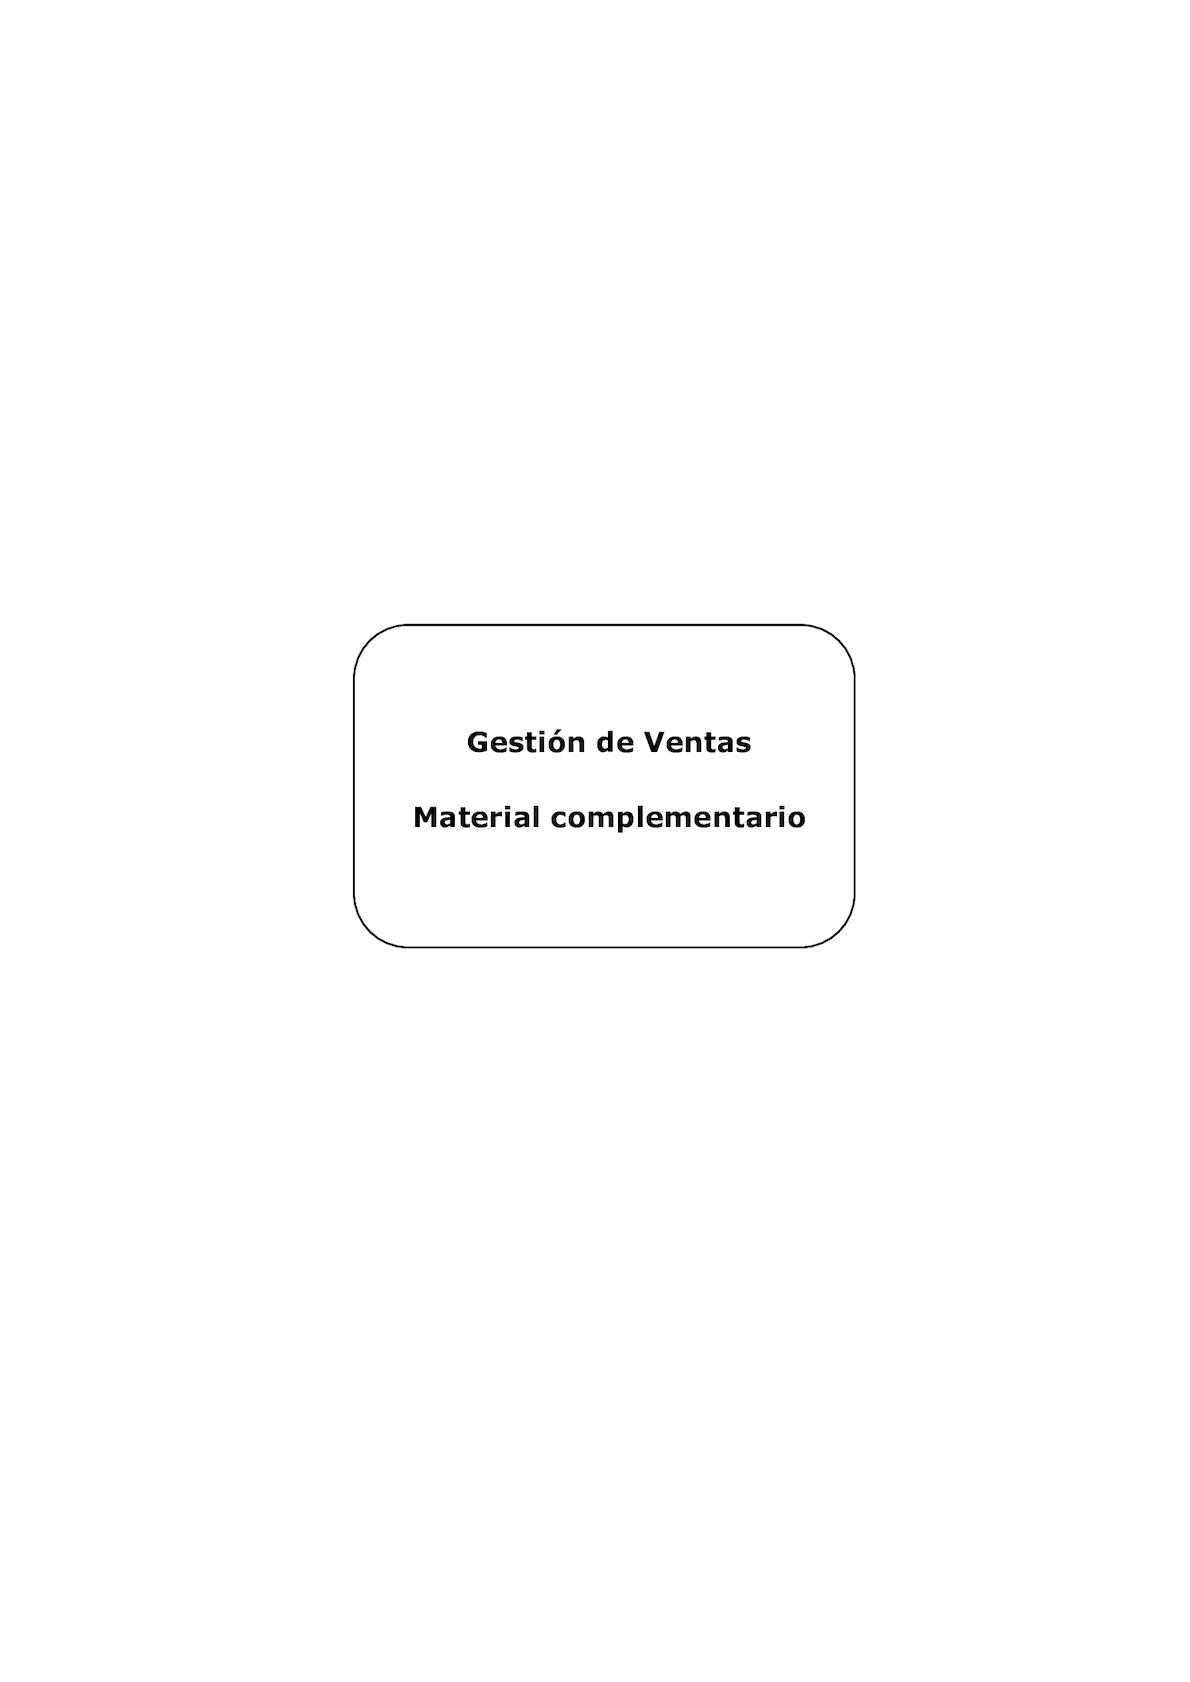 Calaméo - Adm 2016 Gestion De Ventas Ma Material Complementario